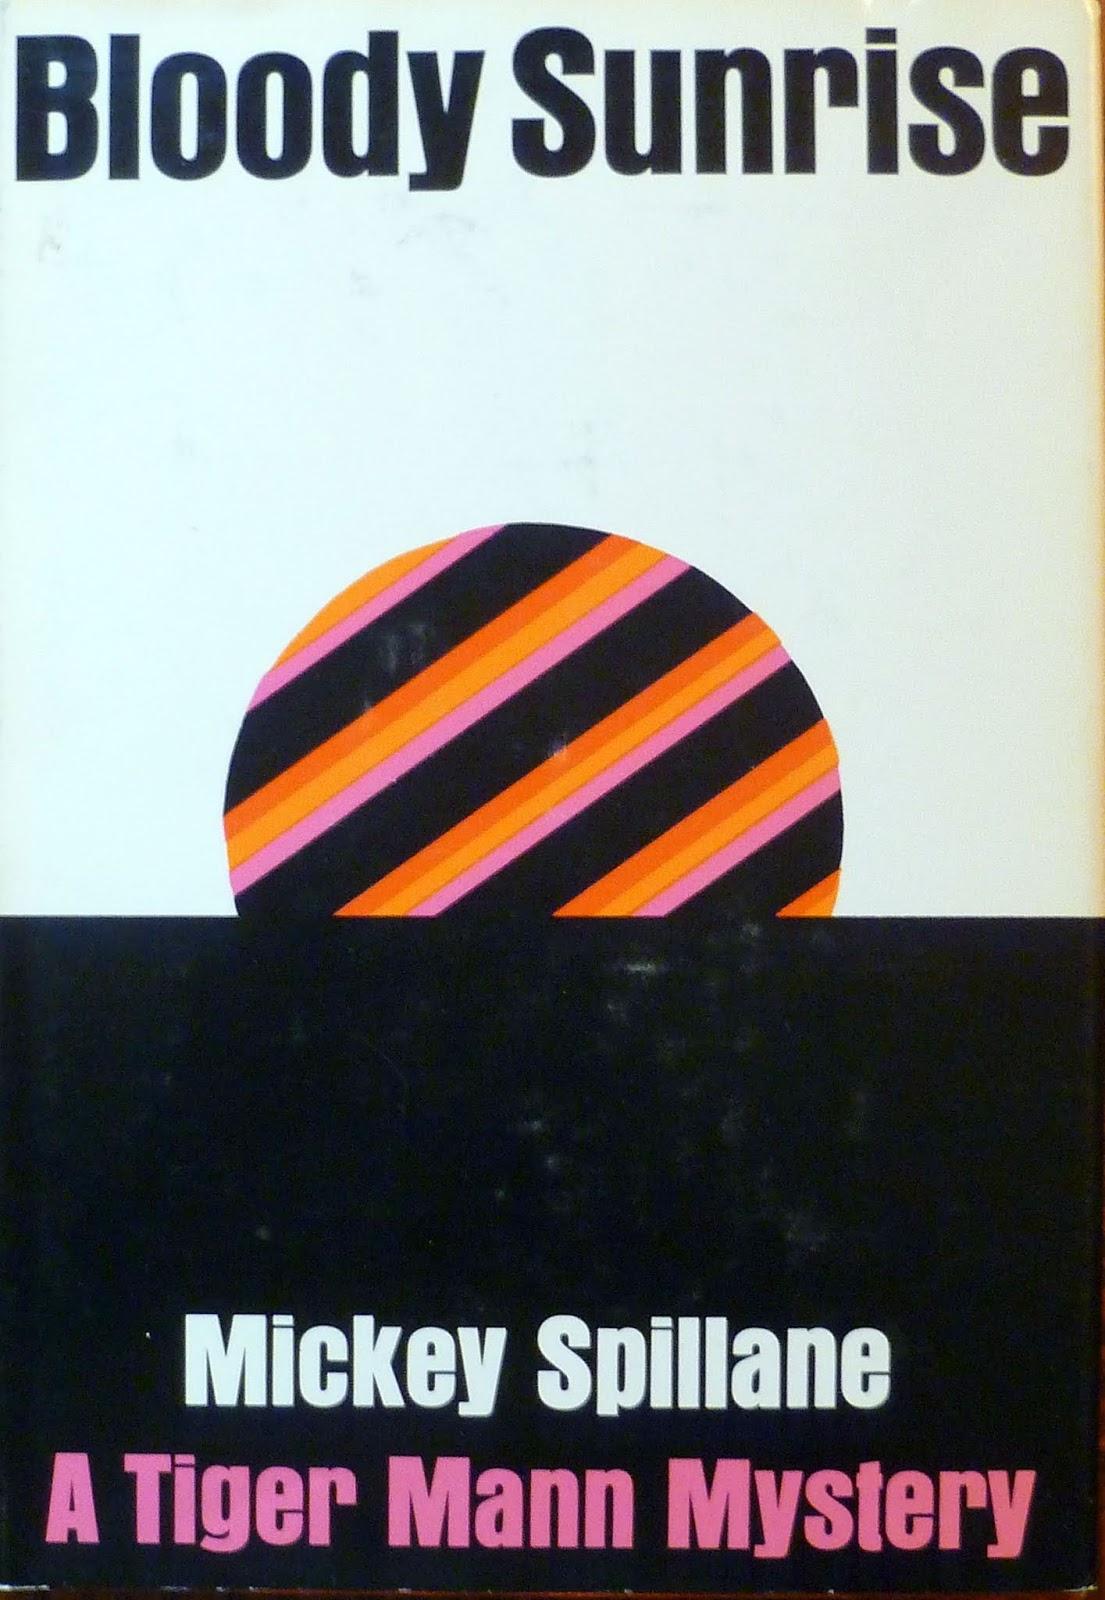 Микки Спиллейн — Кровавый рассвет (1965)